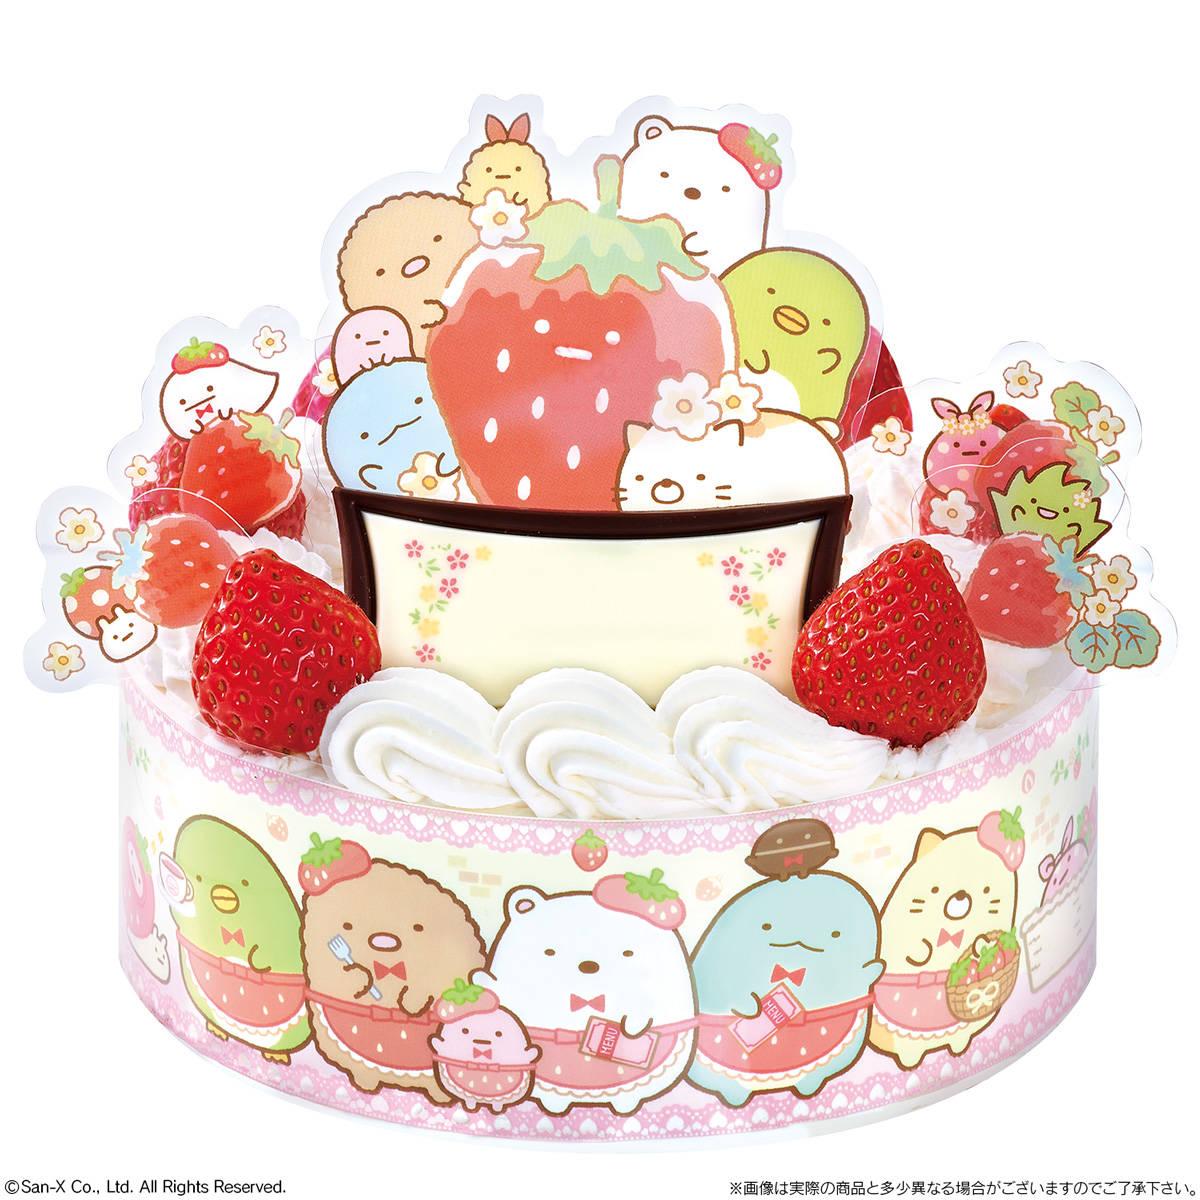 キャラデコお祝いケーキ すみっコぐらし